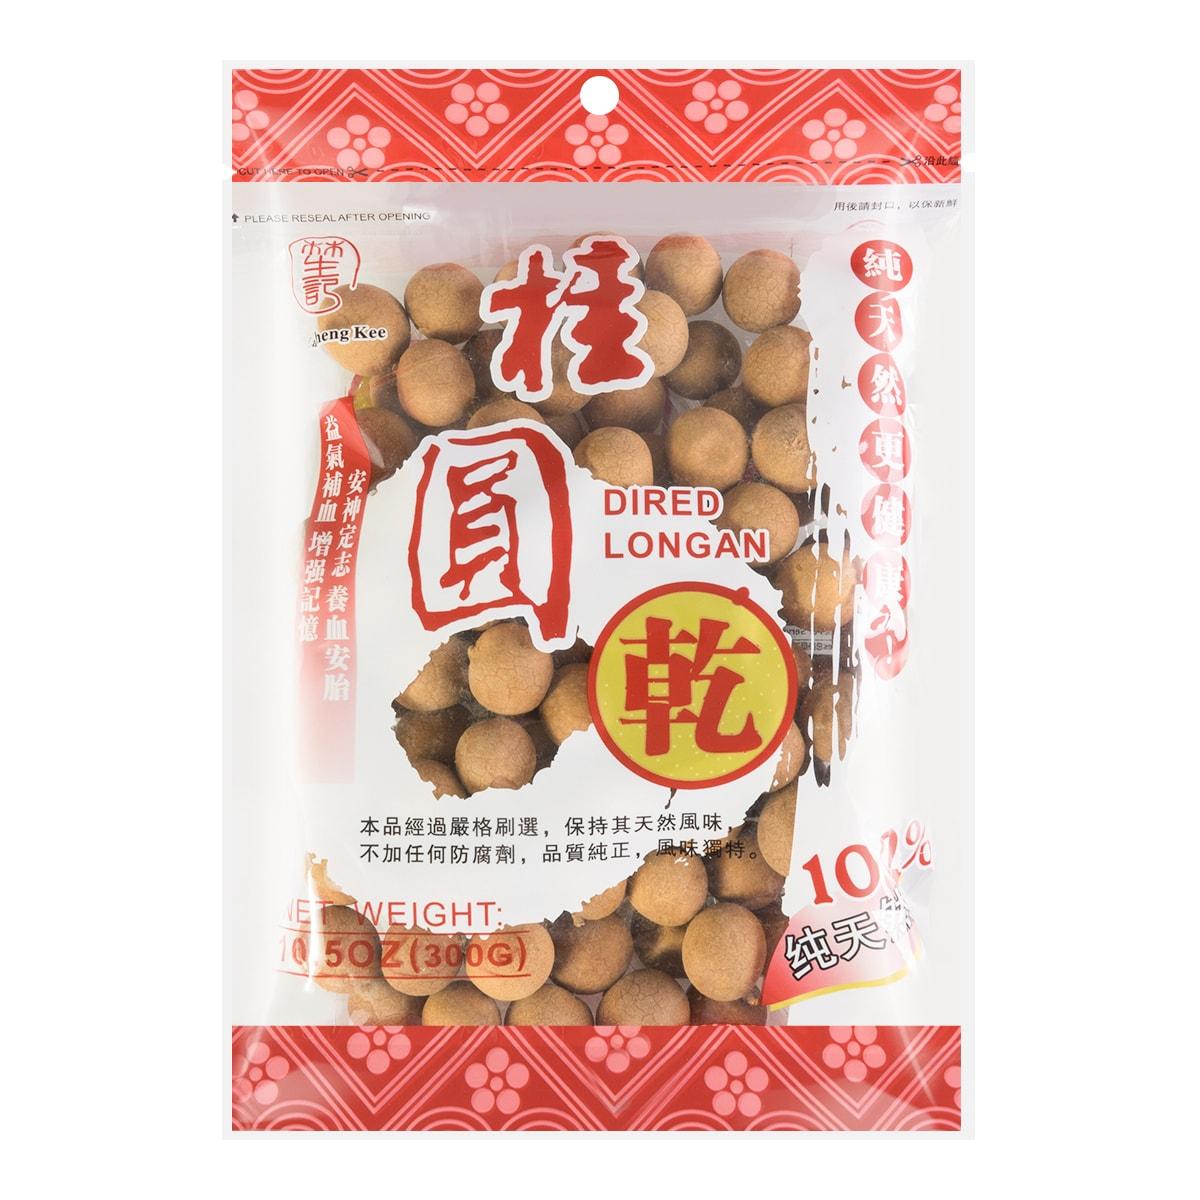 LAMSHENGKEE 100% Dried Longan 300g